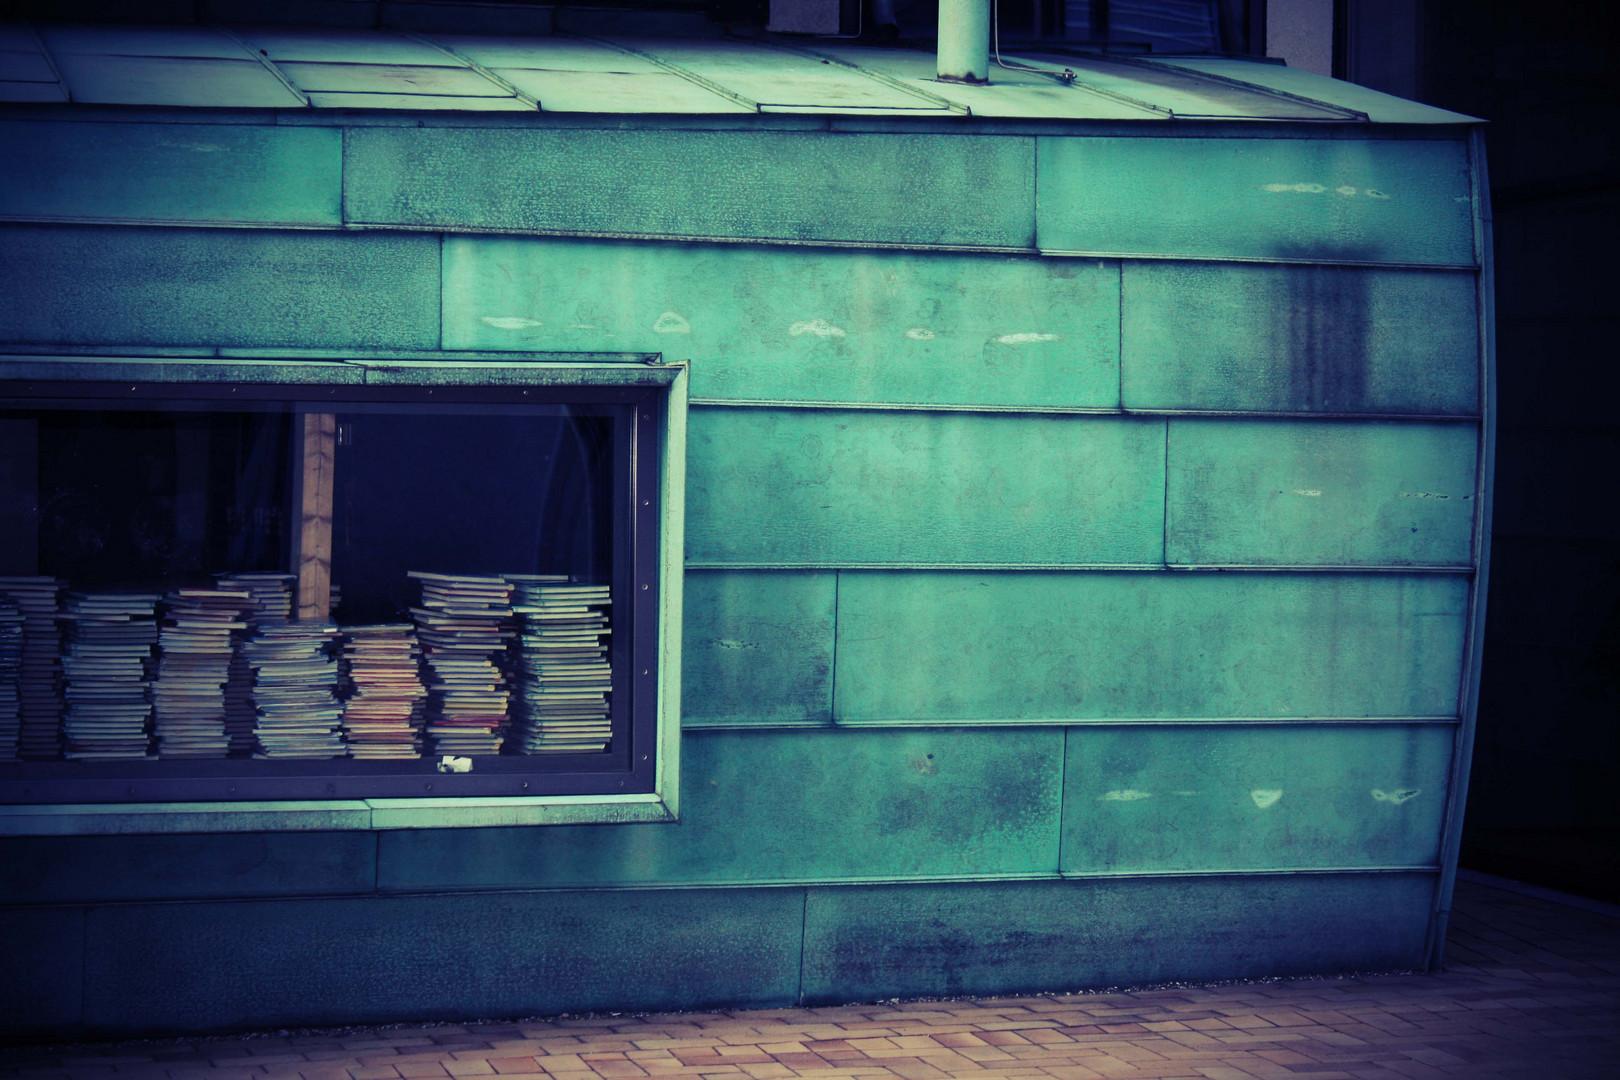 Haus der 1000 Bücher